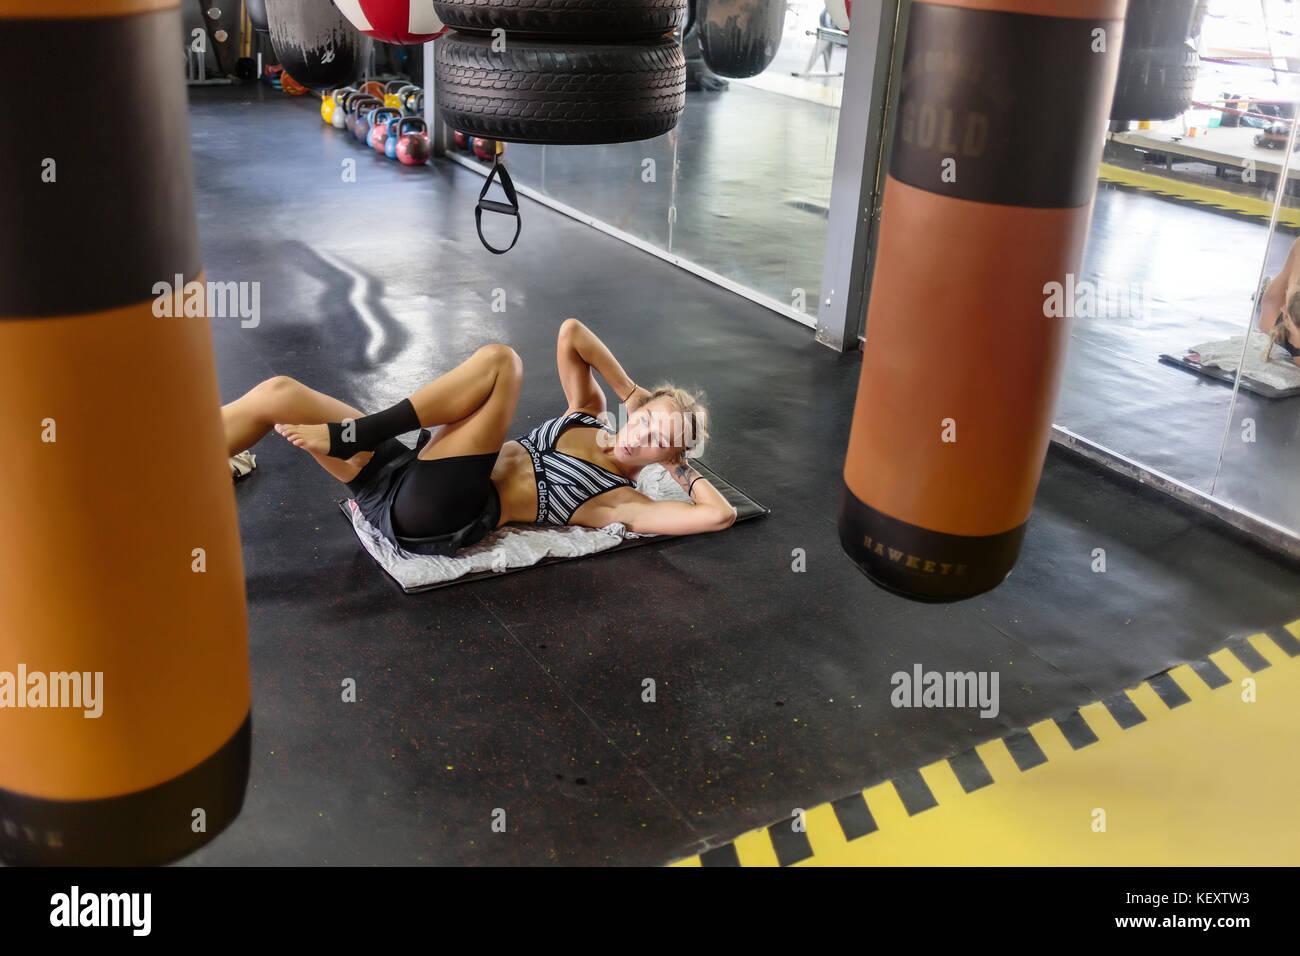 Foto der jungen Frau in der Turnhalle, Sit-ups, Seminyak, Bali, Indonesien Stockbild